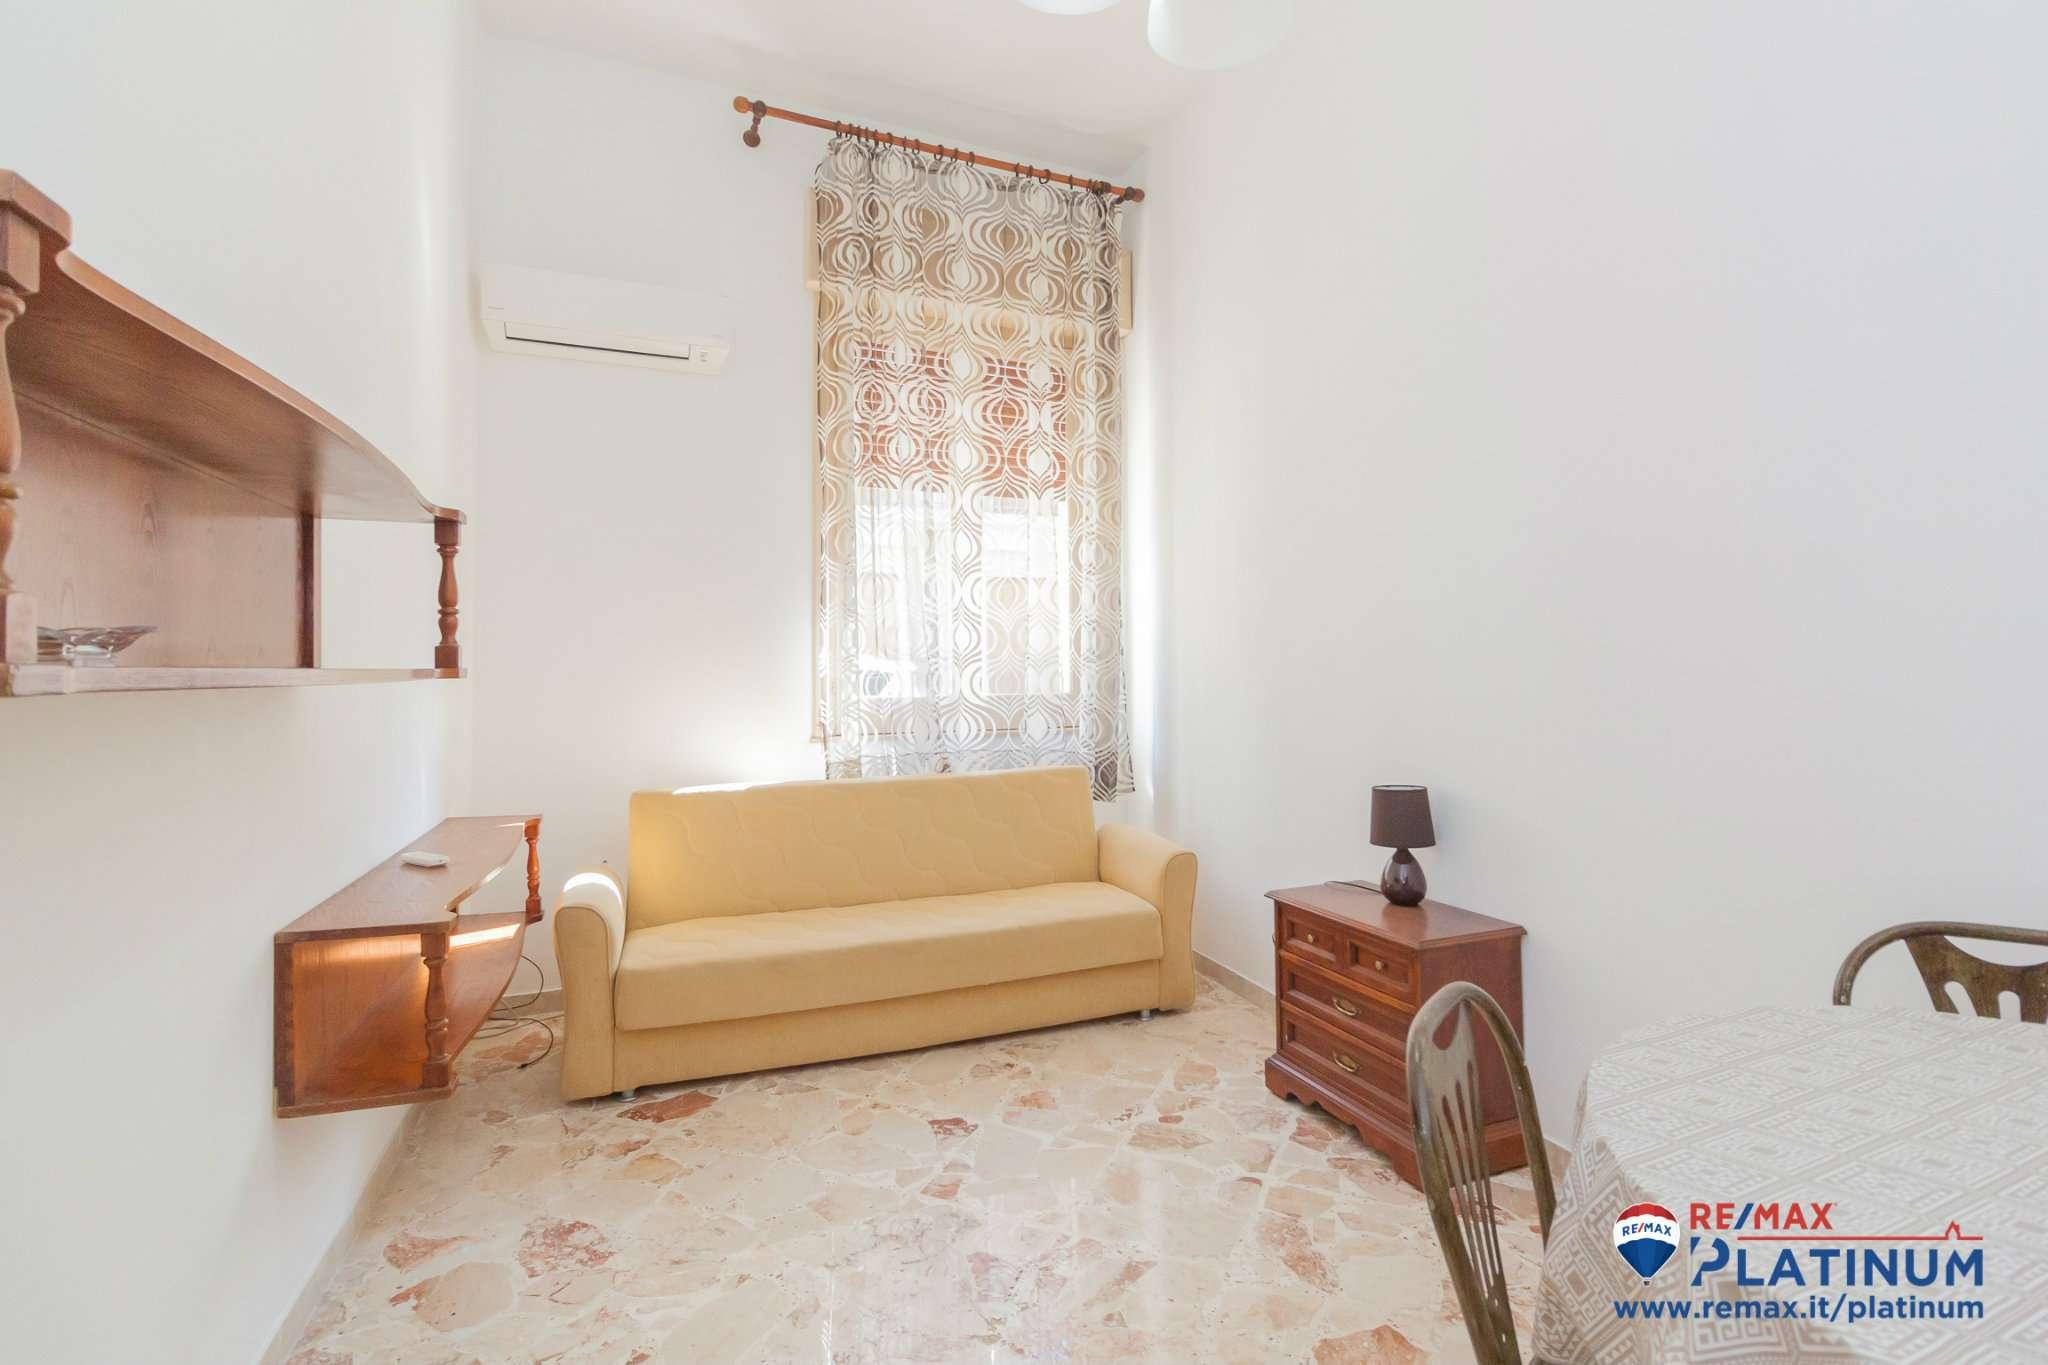 Soluzione Indipendente in affitto a Avola, 5 locali, prezzo € 700 | PortaleAgenzieImmobiliari.it